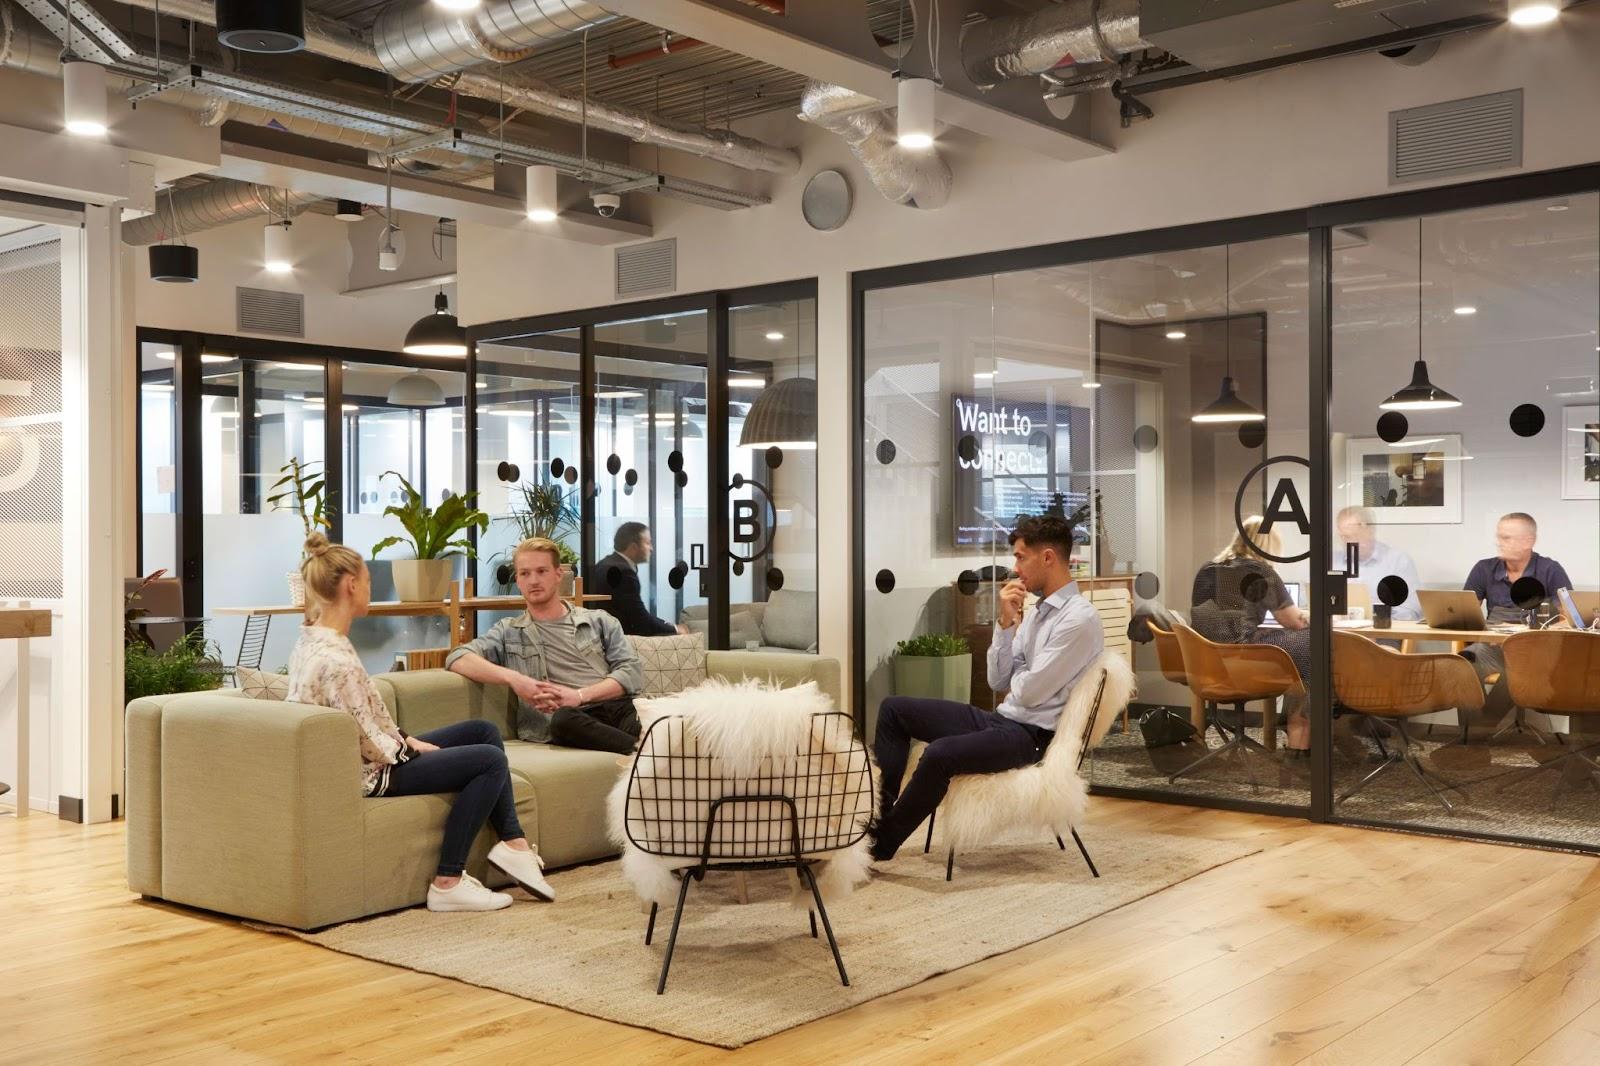 Un espace détente/cafétéria de style scandinave industriel